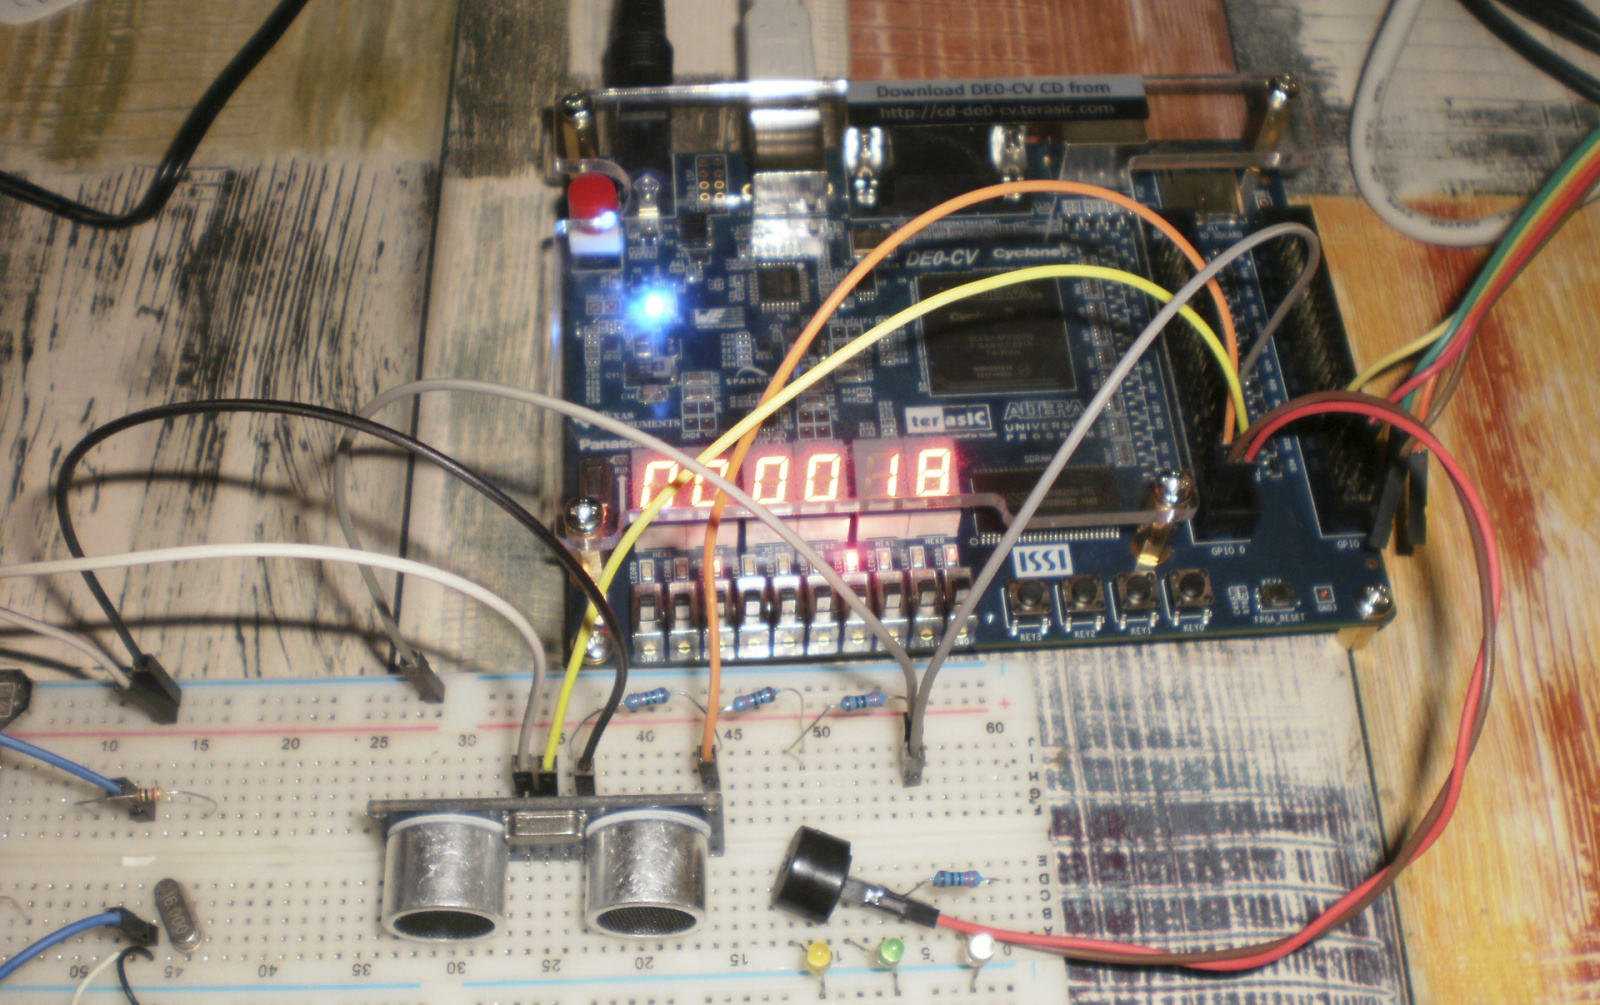 Подключение периферийных модулей к MIPSfpga, на примере ультразвуковых датчиков расстояния - 8